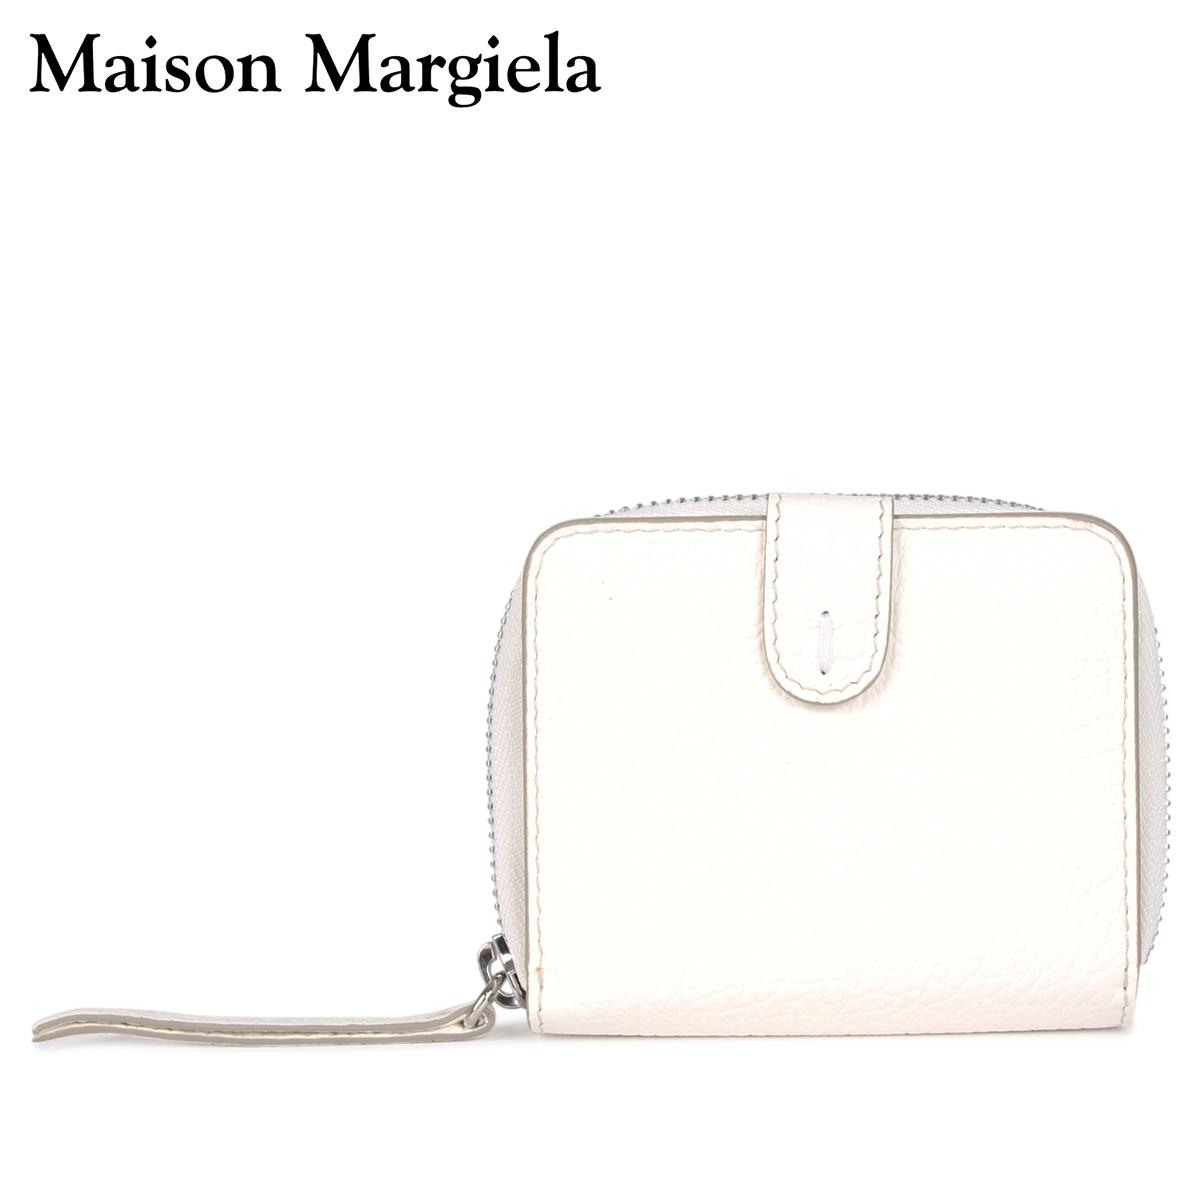 MAISON MARGIELA メゾンマルジェラ 財布 二つ折り ミニ財布 メンズ レディース ラウンドファスナー WALLET ホワイト 白 S56UI0112 [4/13 新入荷]